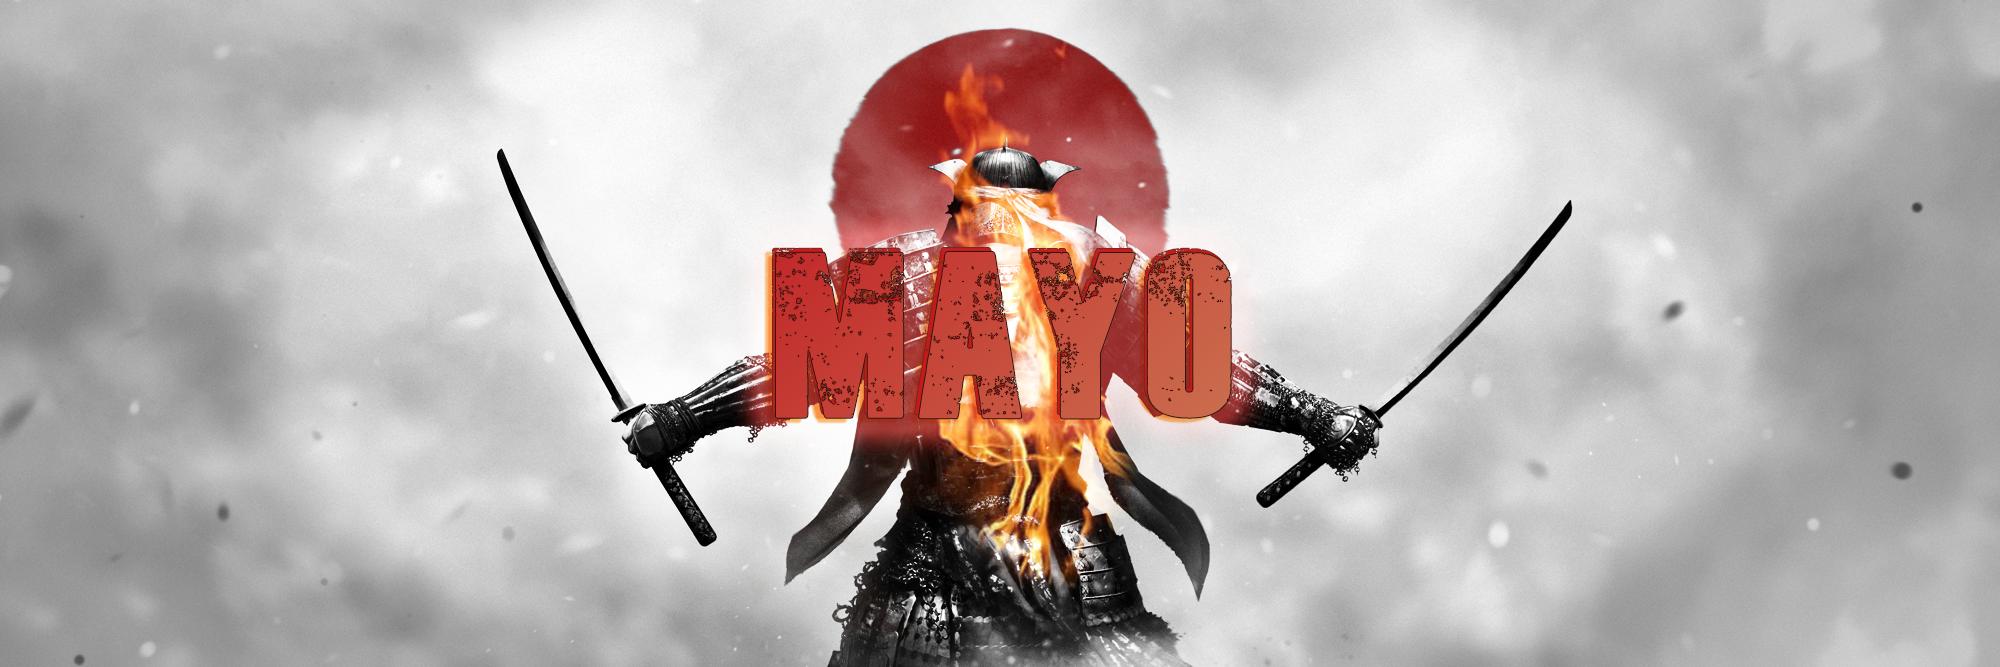 [Image: maayo.png]